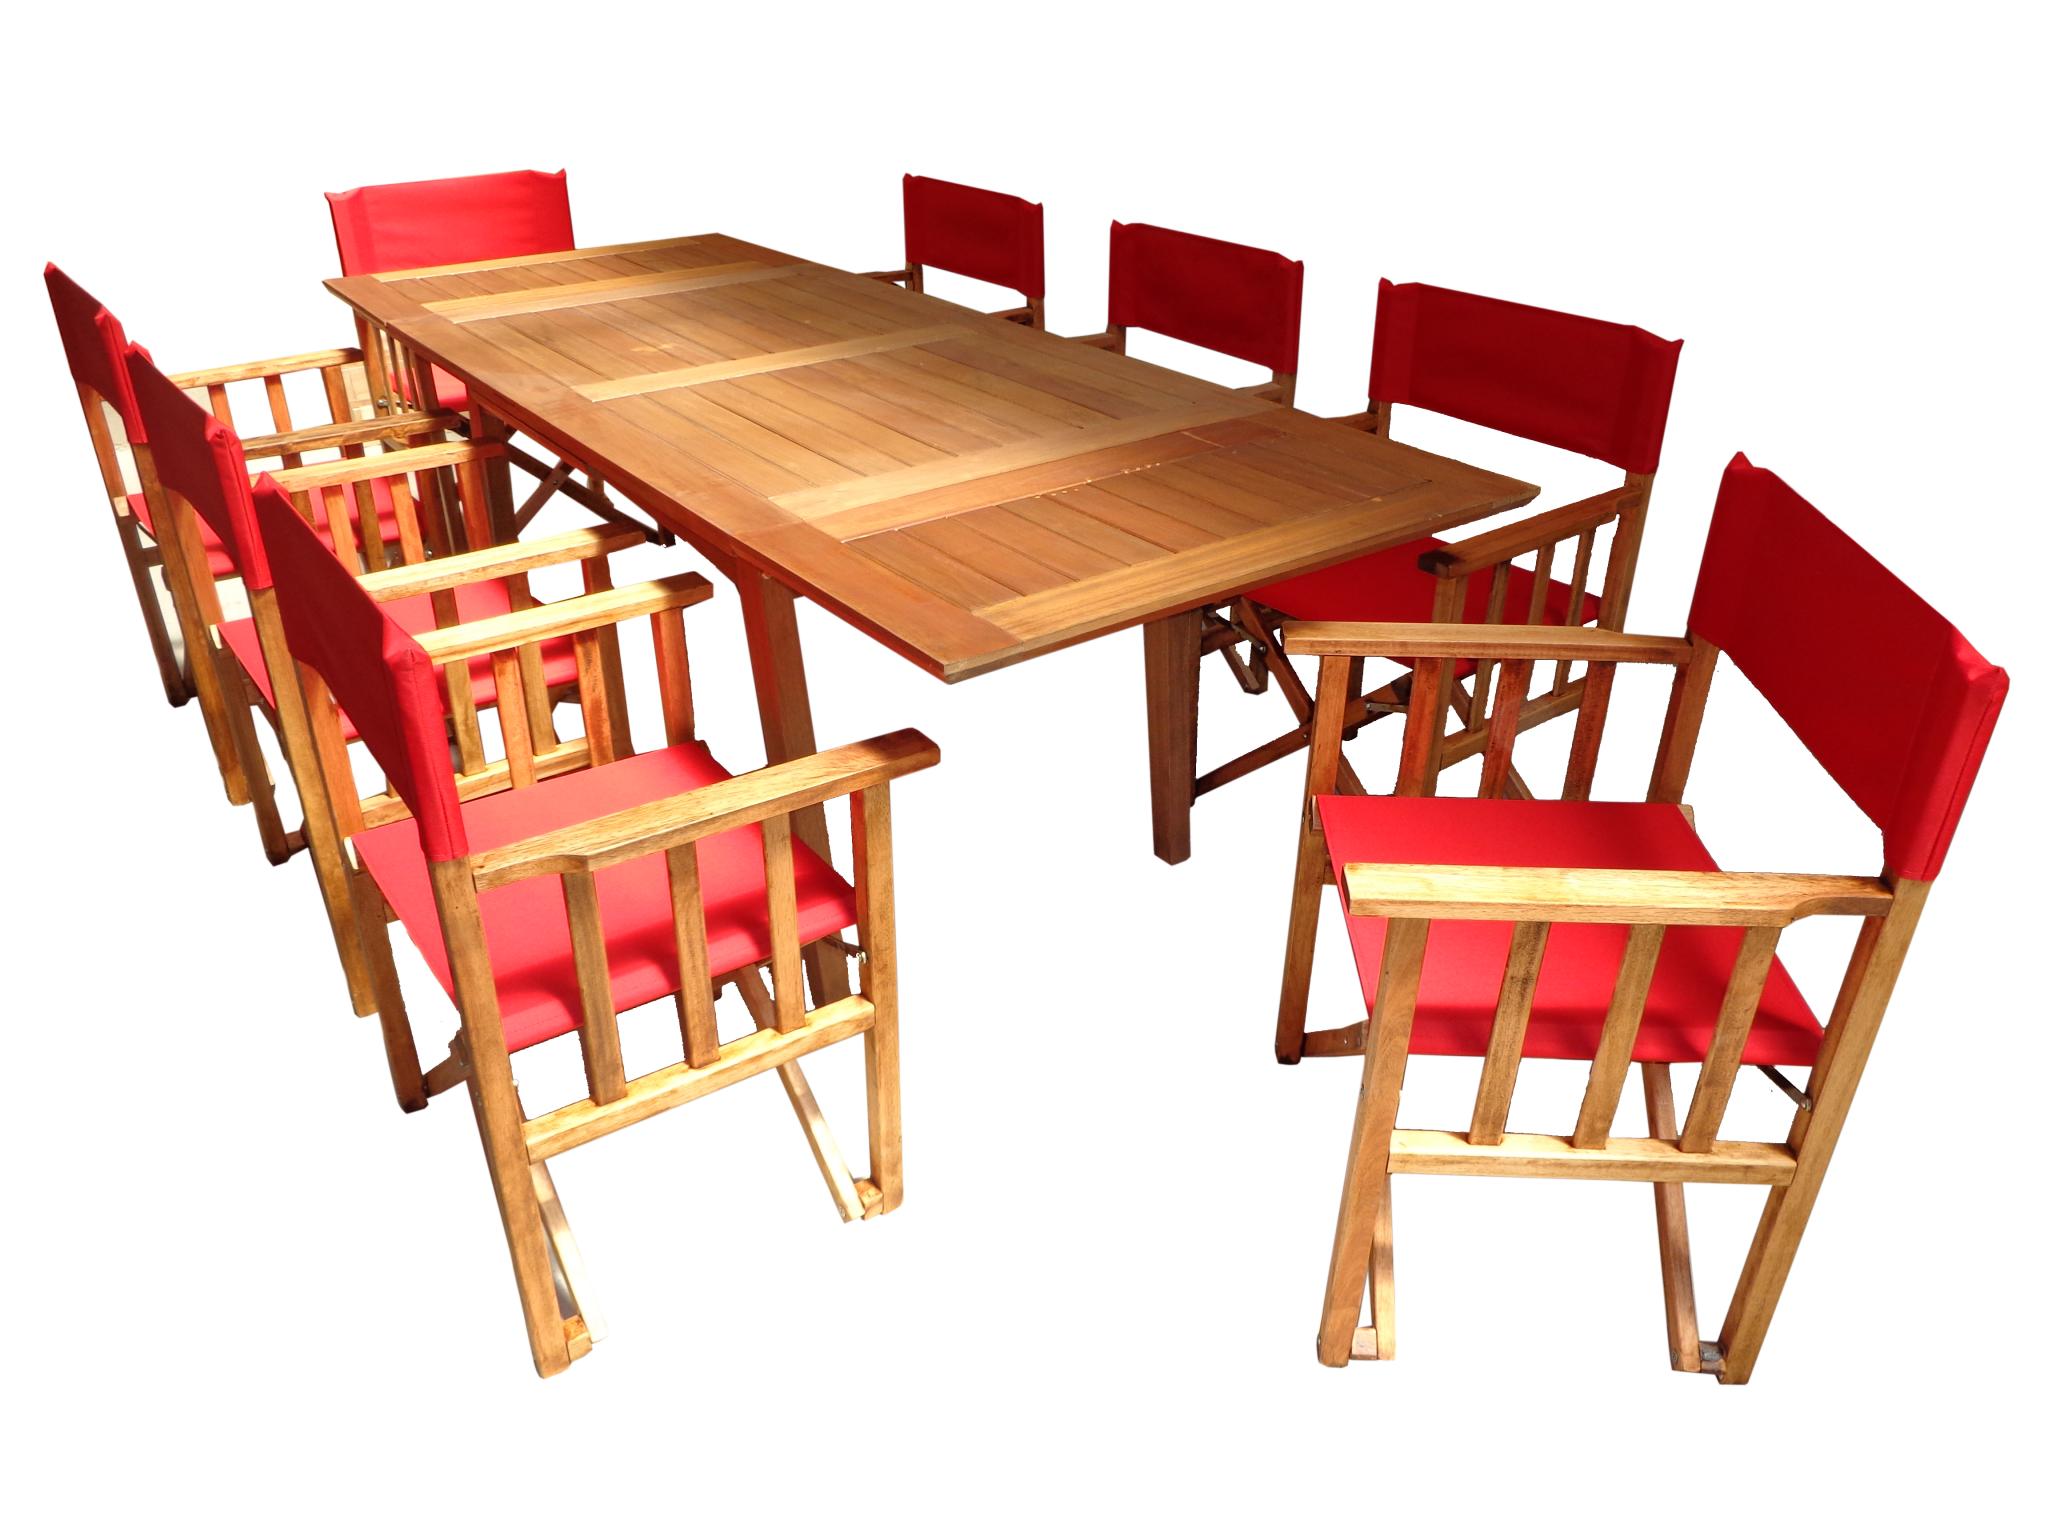 Mesa Extensible Y Sillones Director Fabrica De Muebles  # Muebles Didecor